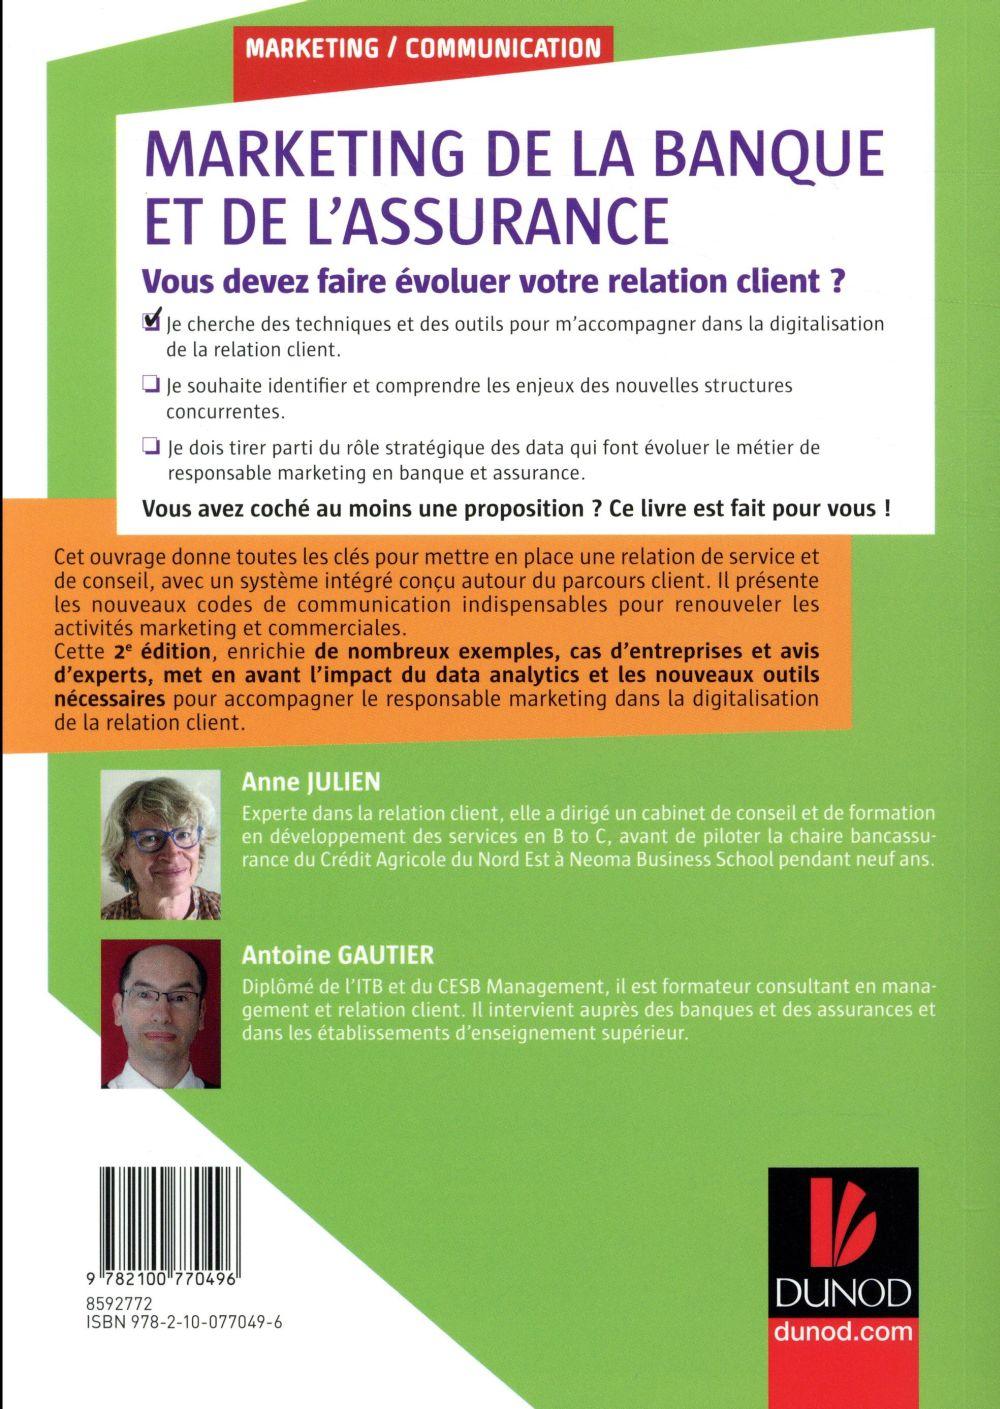 Marketing de la banque et de l'assurance, 2e ed. - le digital au coeur de la relation client